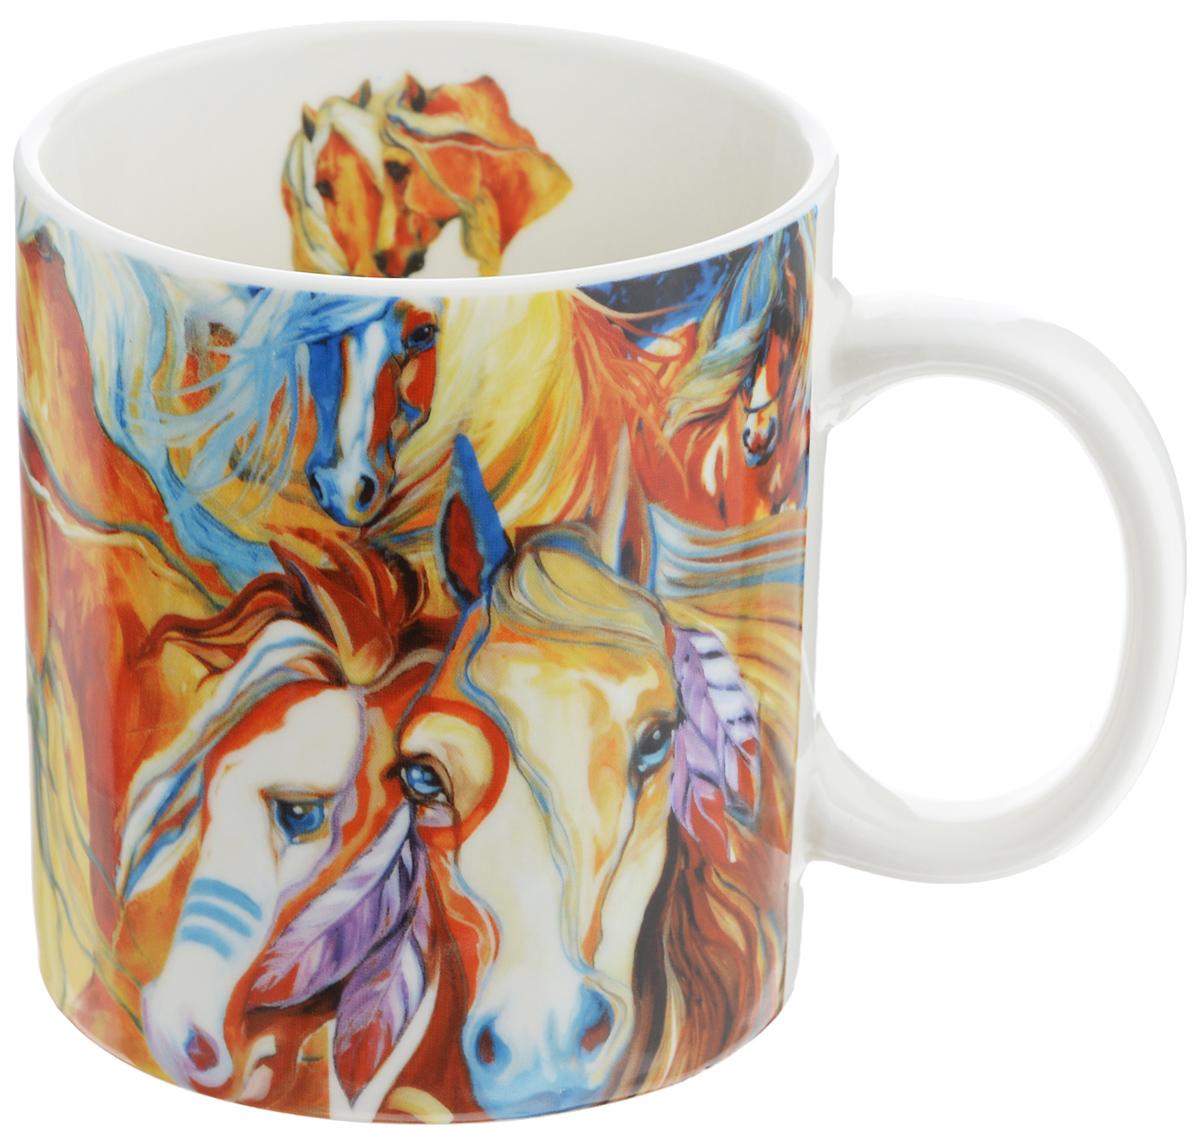 Кружка GiftLand Фантазии о лошадях, 700 млG013-3 HorseКружка GiftLand Фантазии о лошадях изготовлена из костяного фарфора и оформлена красочным изображением лошадей. Оригинальная кружка порадует вас ярким дизайном и станет неизменным атрибутом чаепития. Прекрасно подойдет в качестве сувенира. Диаметр кружки: 10 см. Высота: 11 см. Объем: 700 мл.